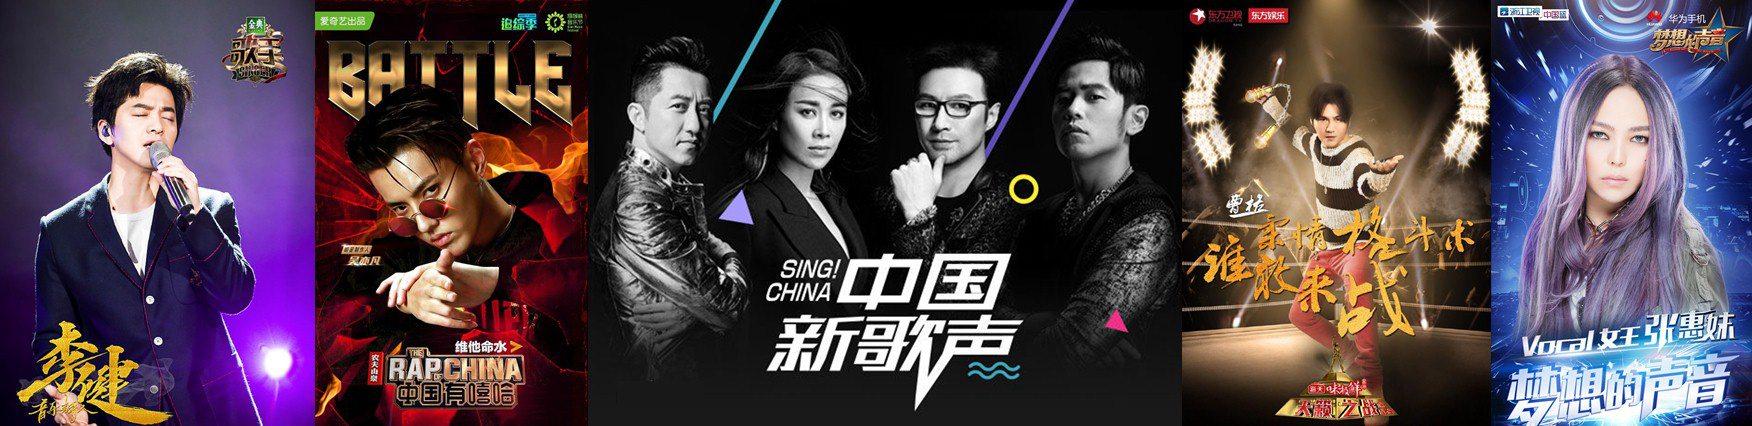 《歌手》、《中国有嘻哈》、《中国新歌声》、《天籁之战》、《梦想的声音》火爆综艺.jpg